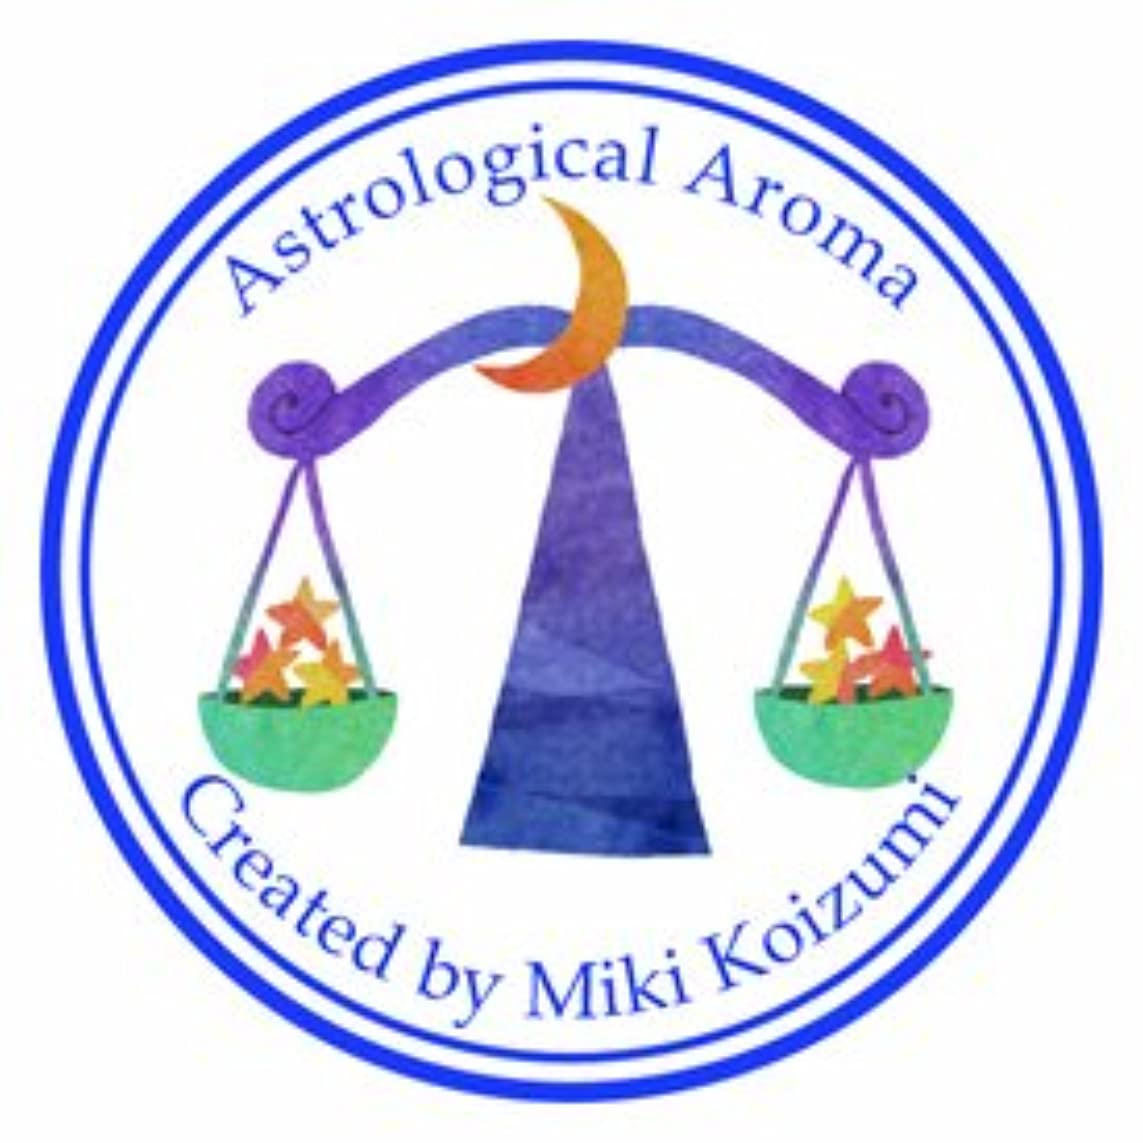 ジョブ道徳のシルク天秤座(てんびん座)さんのハッピーアロマ/エッセンシャルオイル/アロマオイル